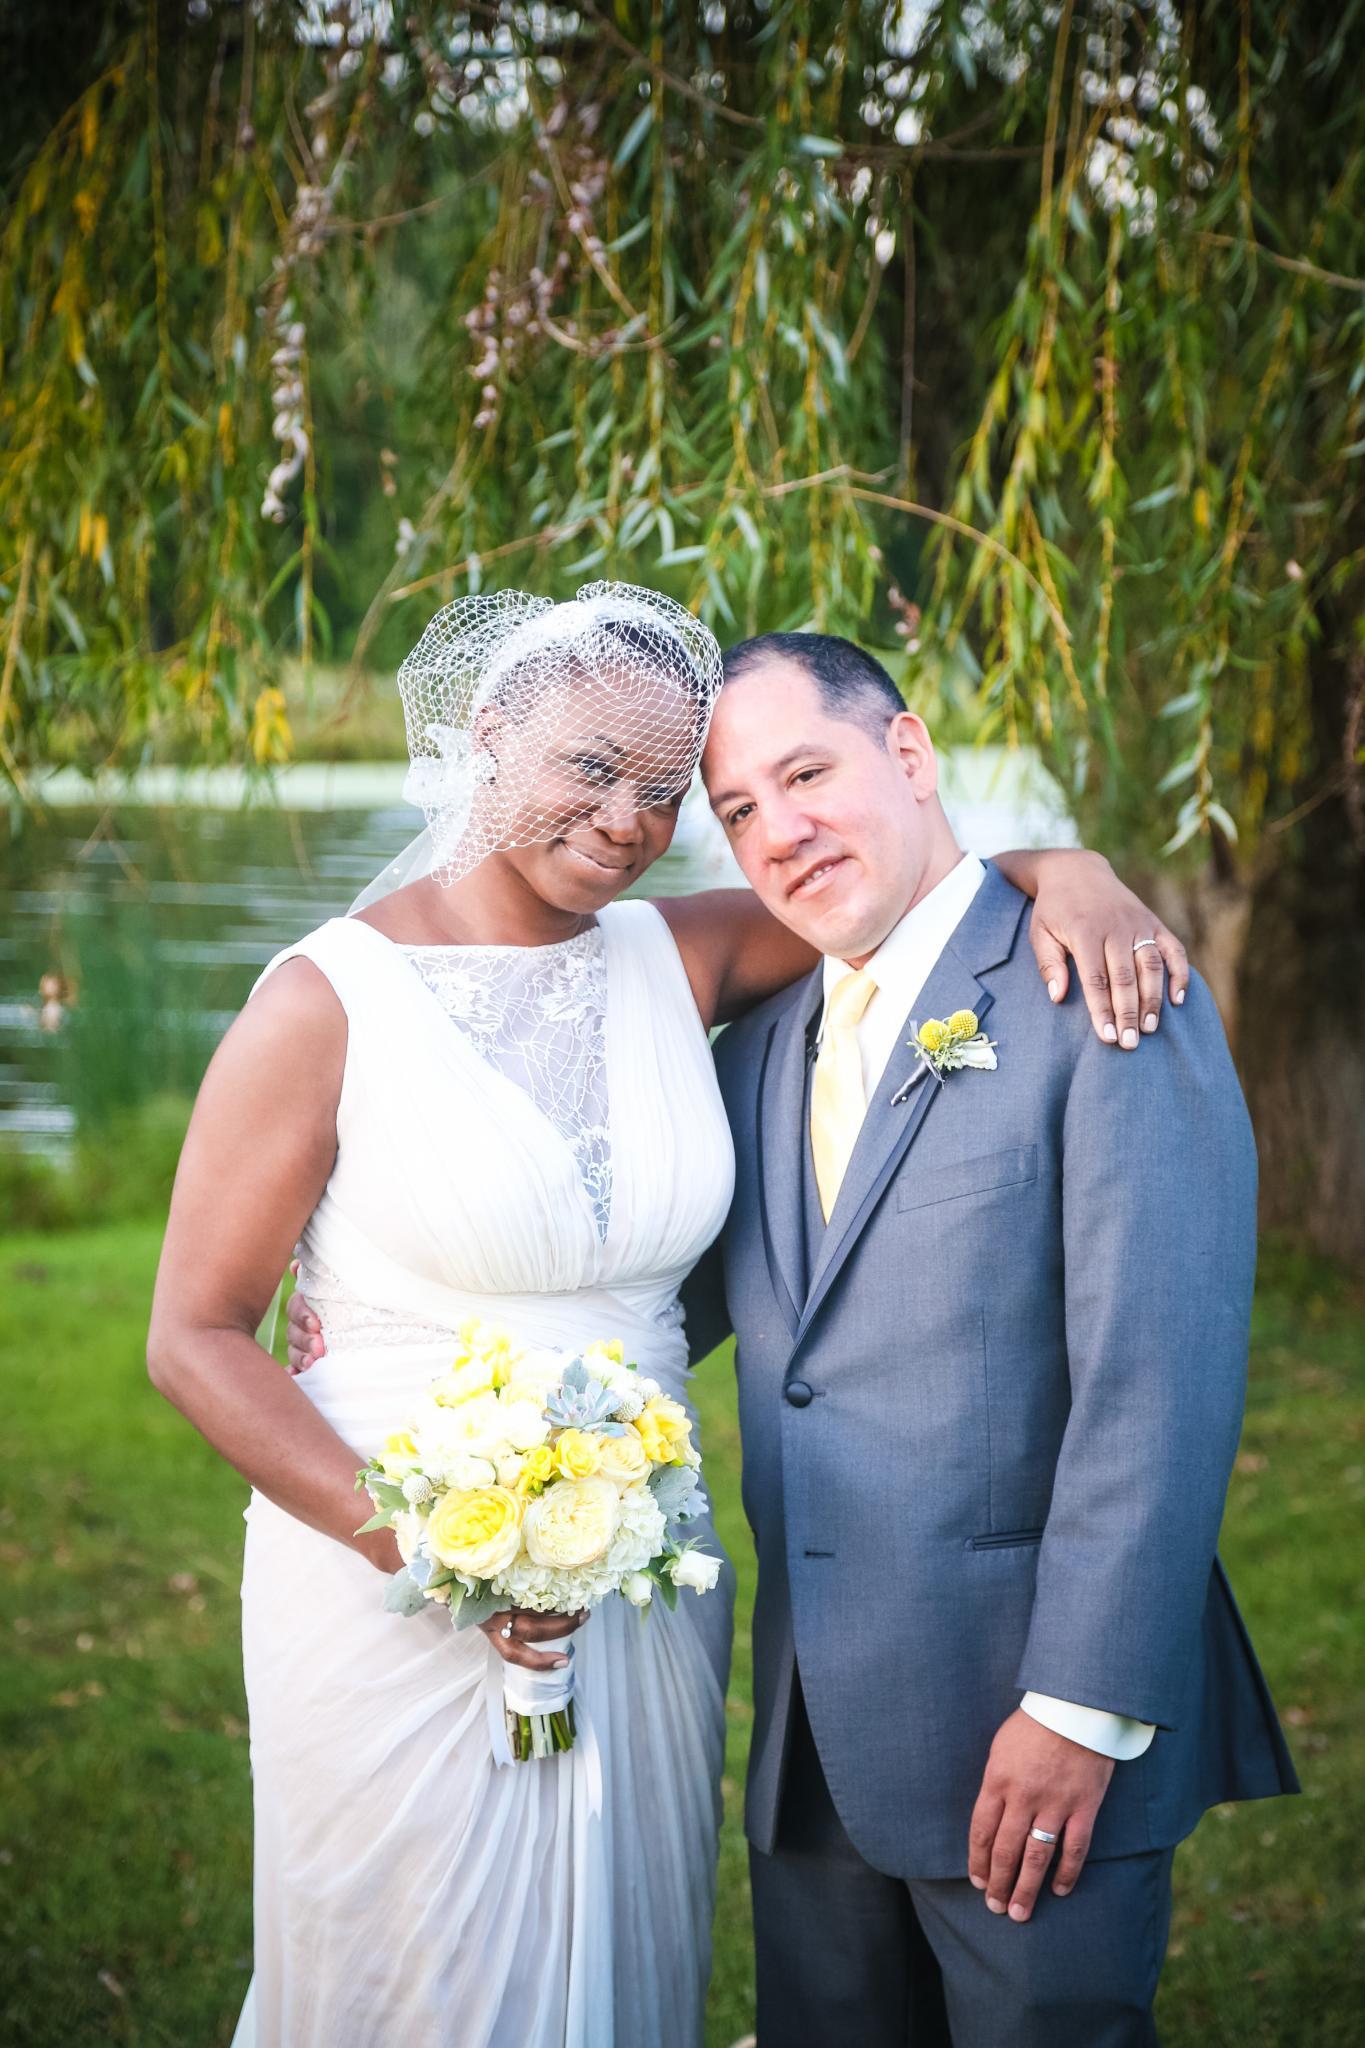 966005e4e677 Bridal Bliss  ESSENCE Editor In Chief Vanessa K. De Luca s Wedding ...